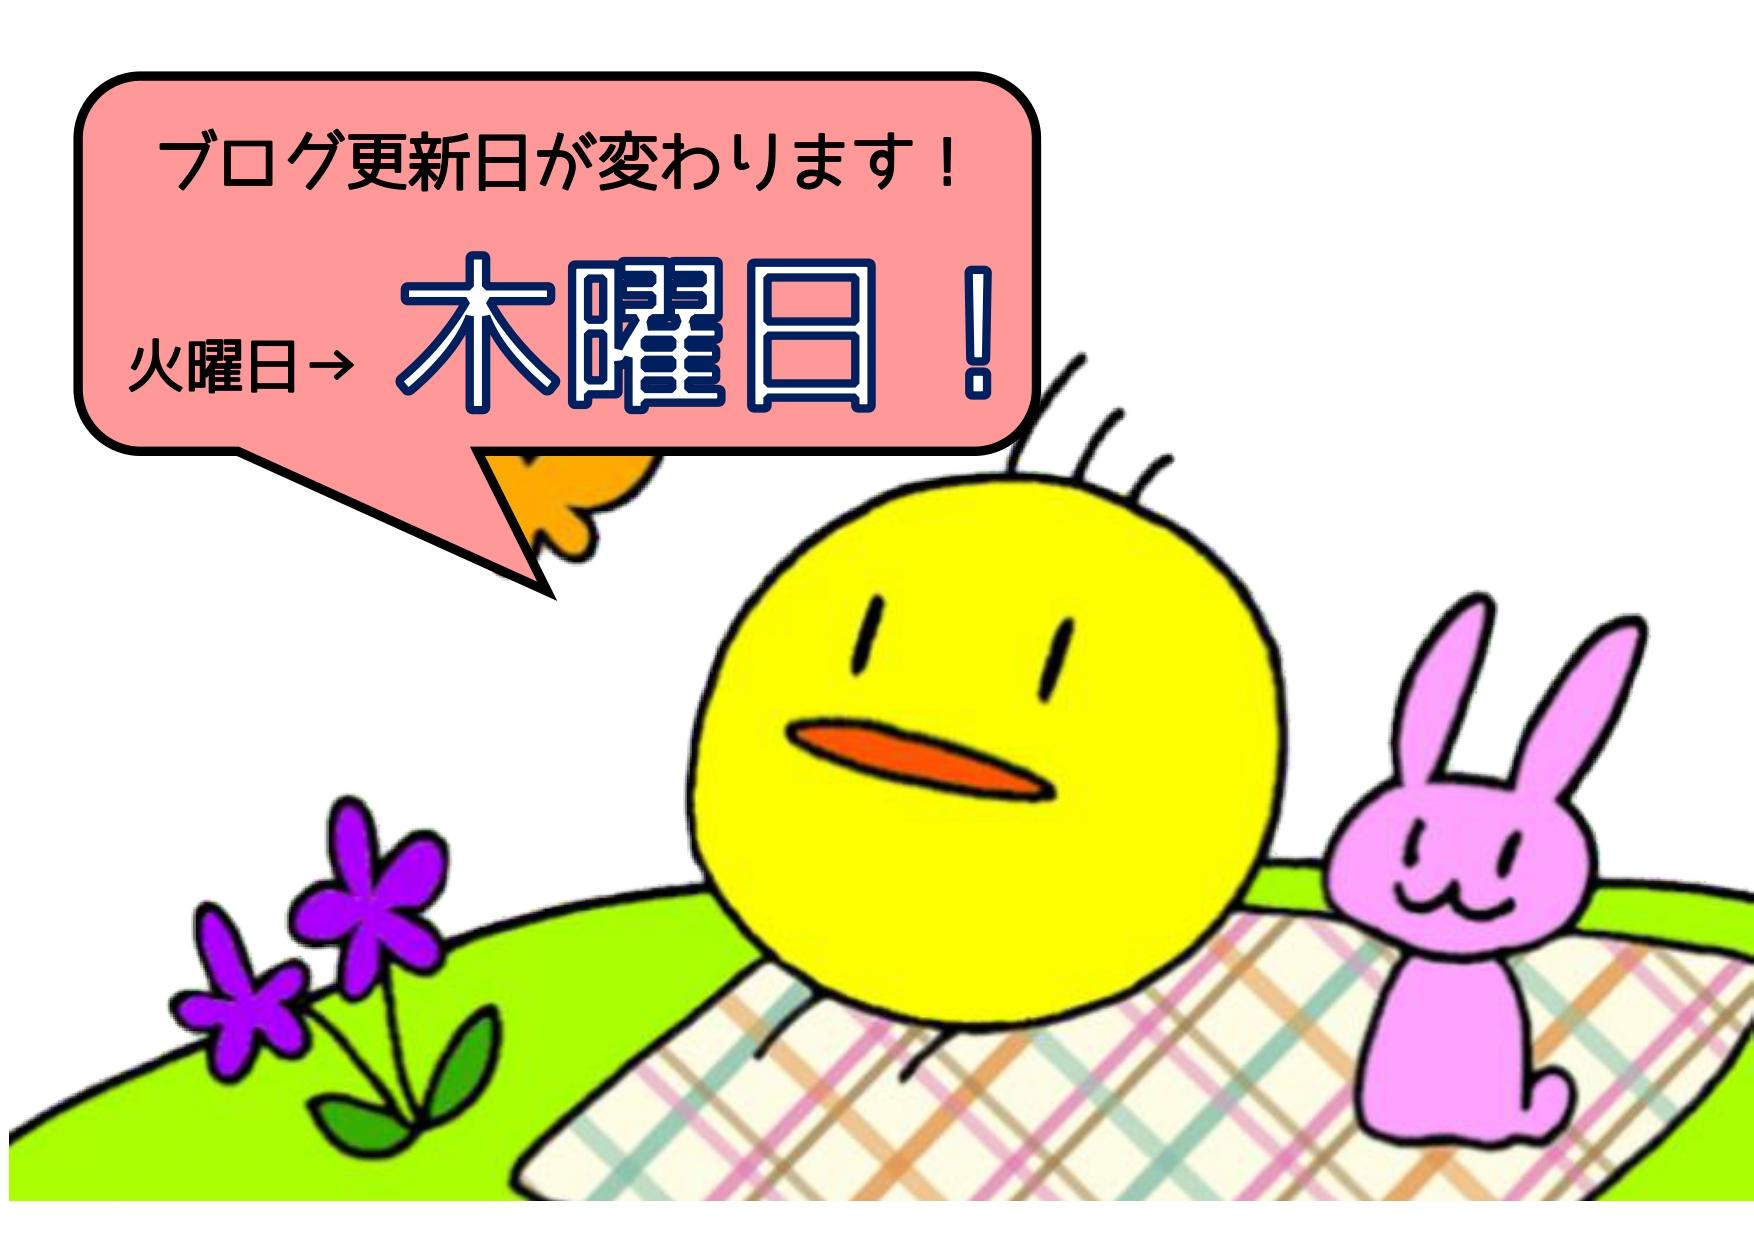 ブログ更新曜日変更のお知らせ【日常のこと】【トレッペの勉強のこと】